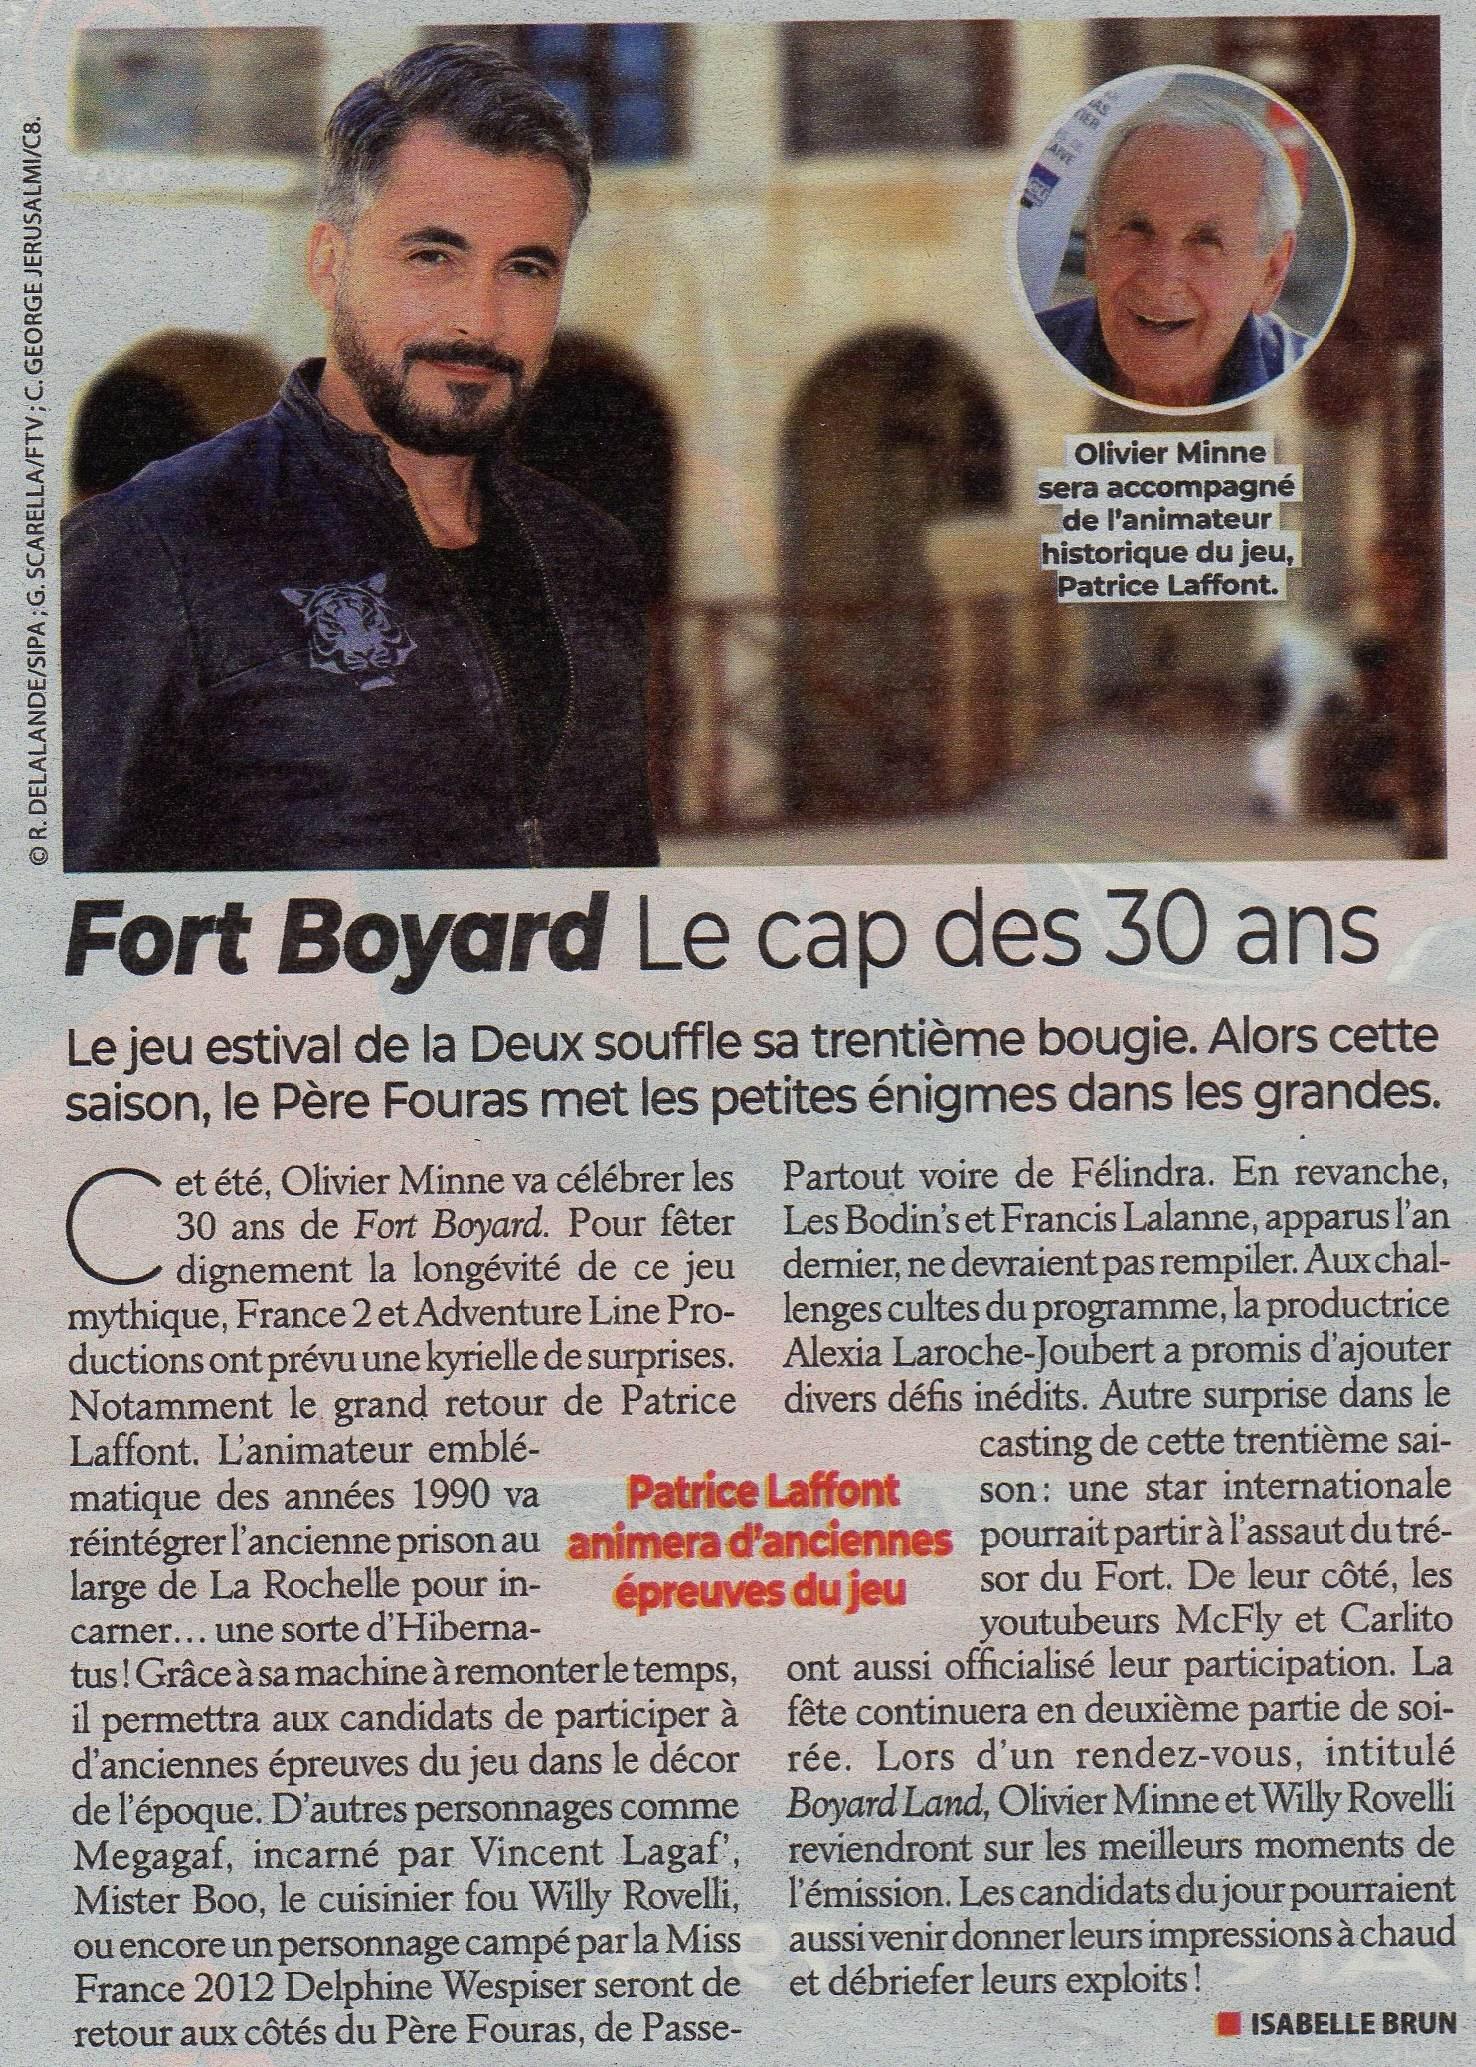 """Toutes les infos et réactions sur les 2e partie de soirée """"Toujours plus fort"""" de Fort Boyard 2019 Img01810"""